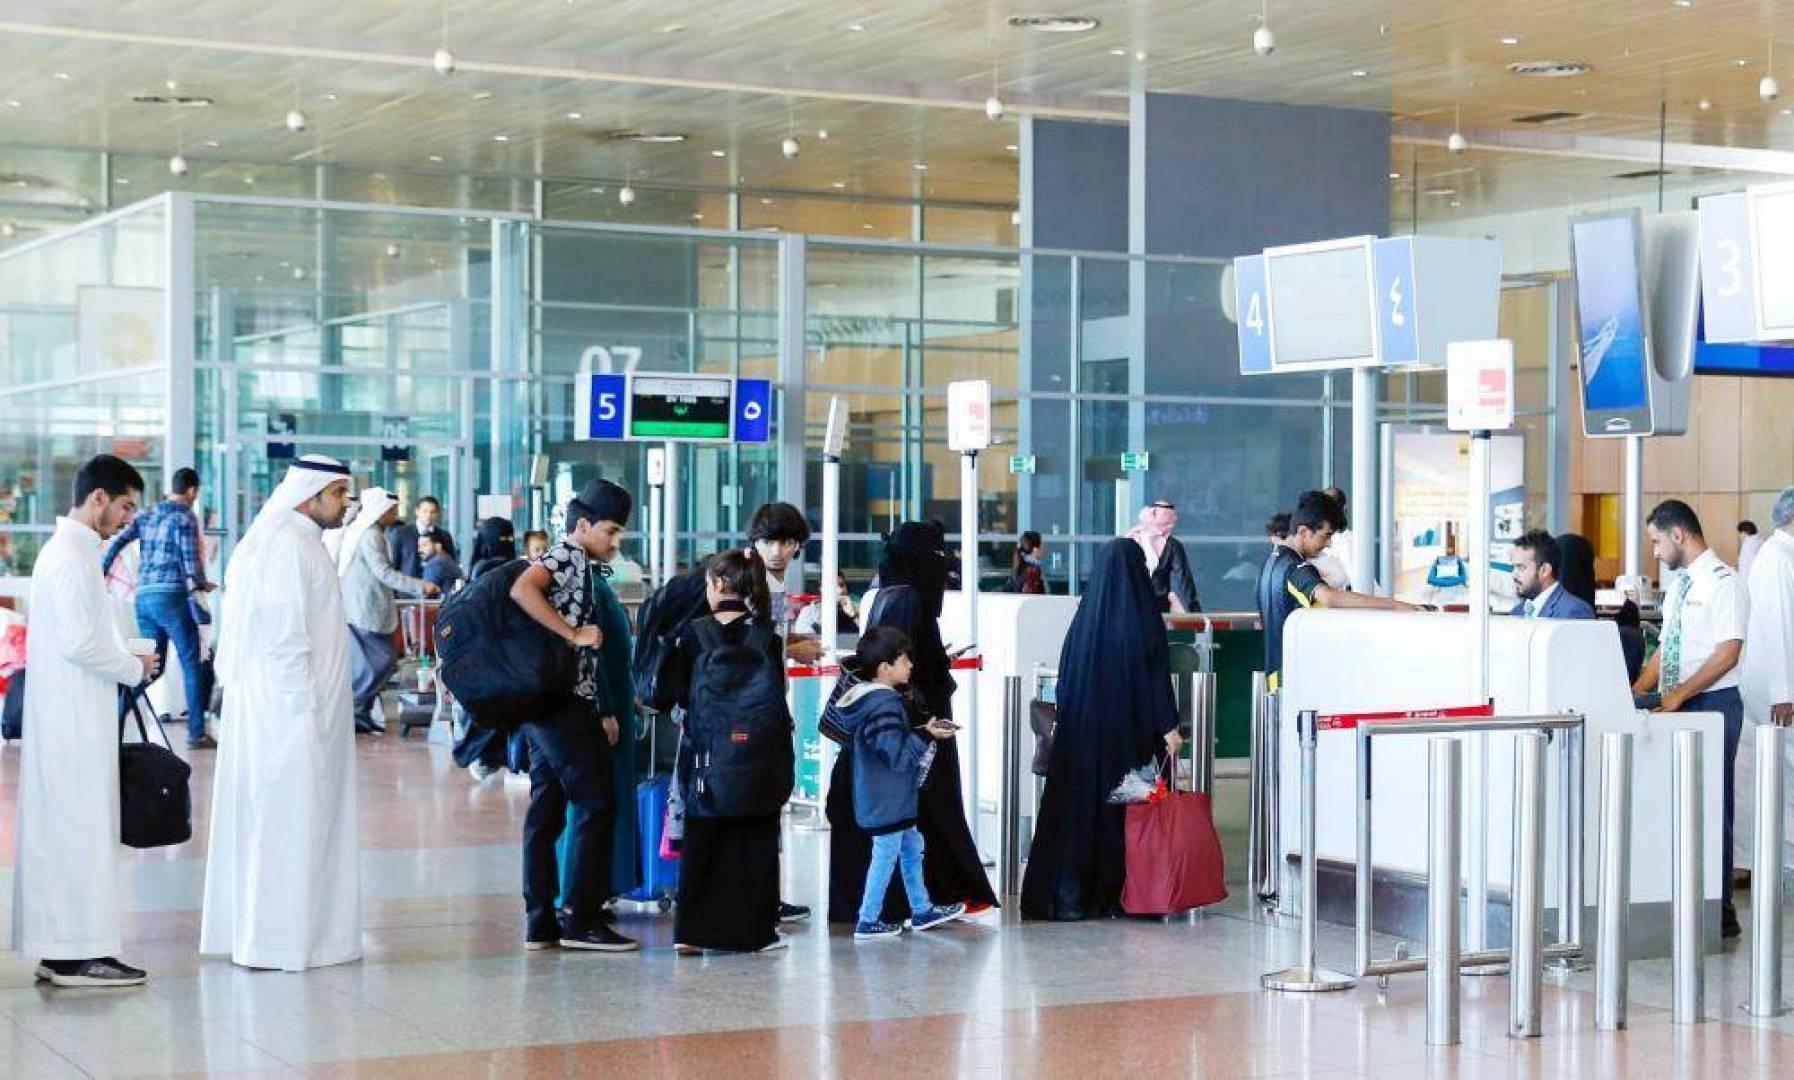 السعودية: 3 أيام حجراً منزلياً للقادمين للمملكة